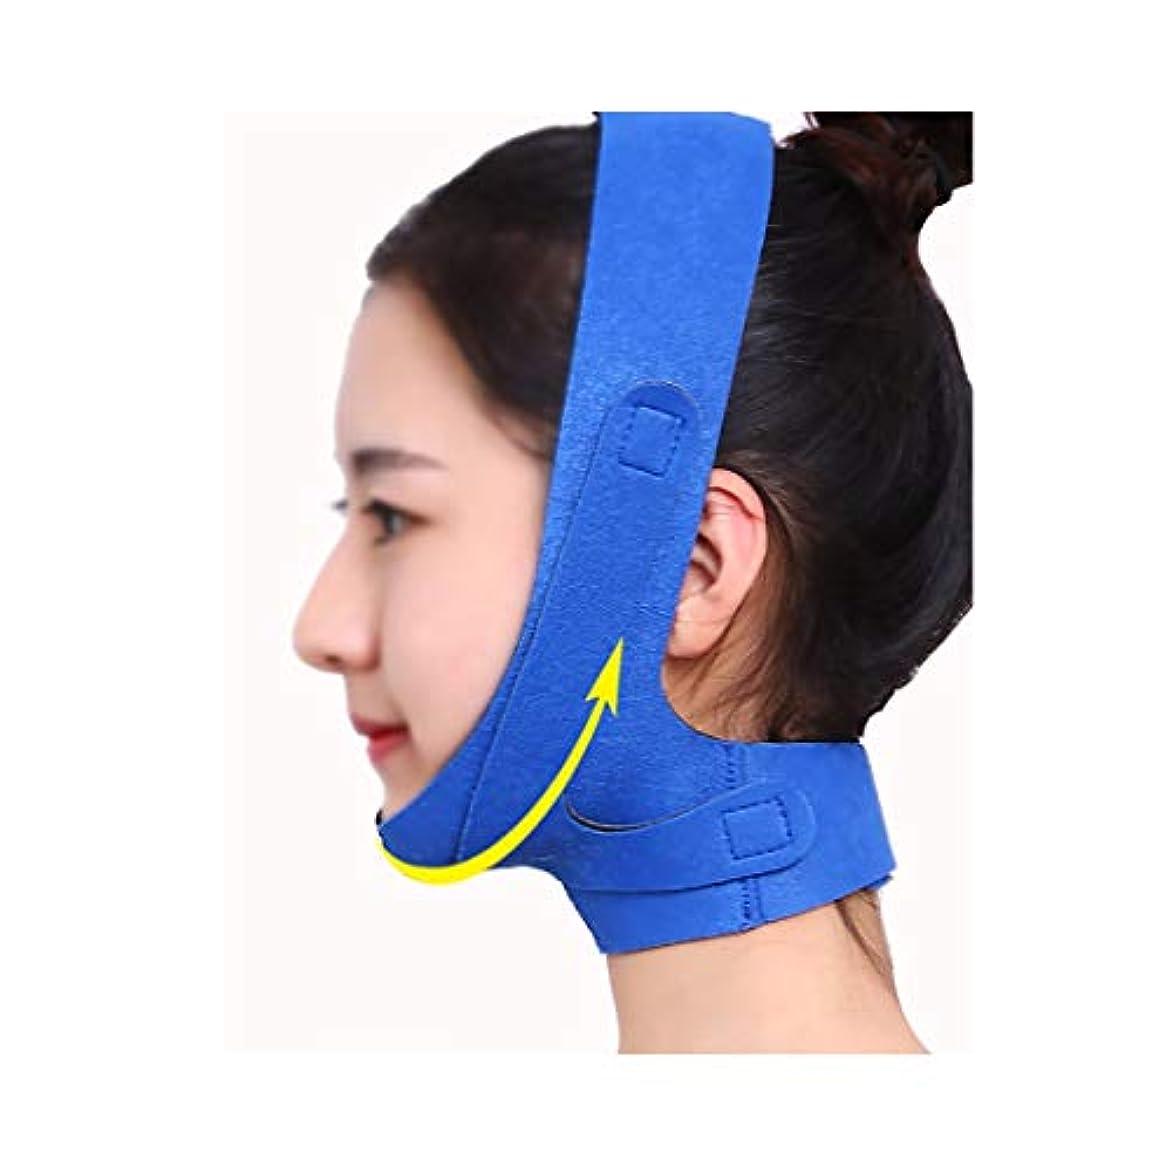 爆弾角度マスタードフェイスリフトマスク、あごストラップ回復包帯睡眠薄いフェイス包帯薄いフェイスマスクフェイスリフトアーチファクトフェイスリフトで小さなV顔を強化する美容マスク包帯ブルーフェイスマスク